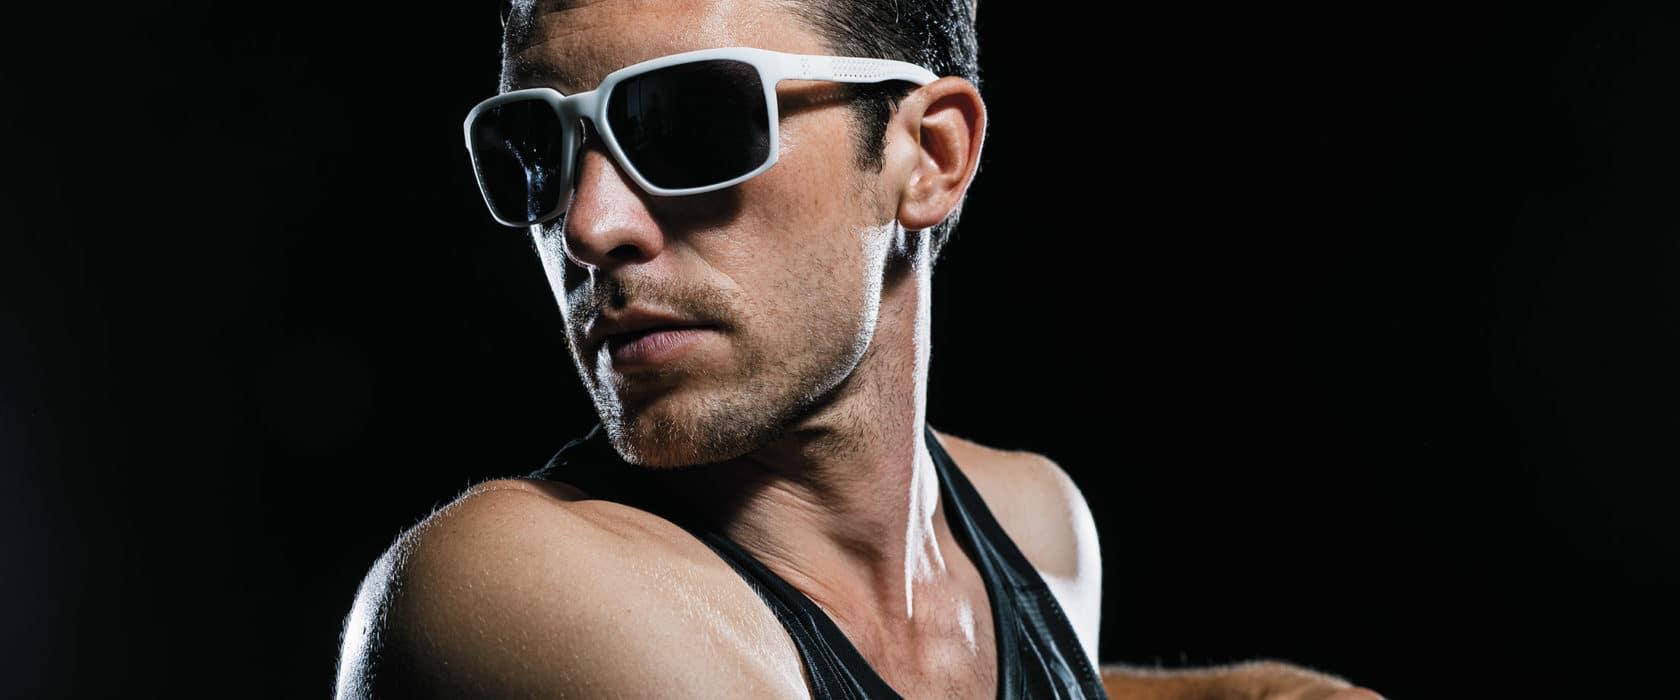 adidas-Sportbrille-3D-Drucker